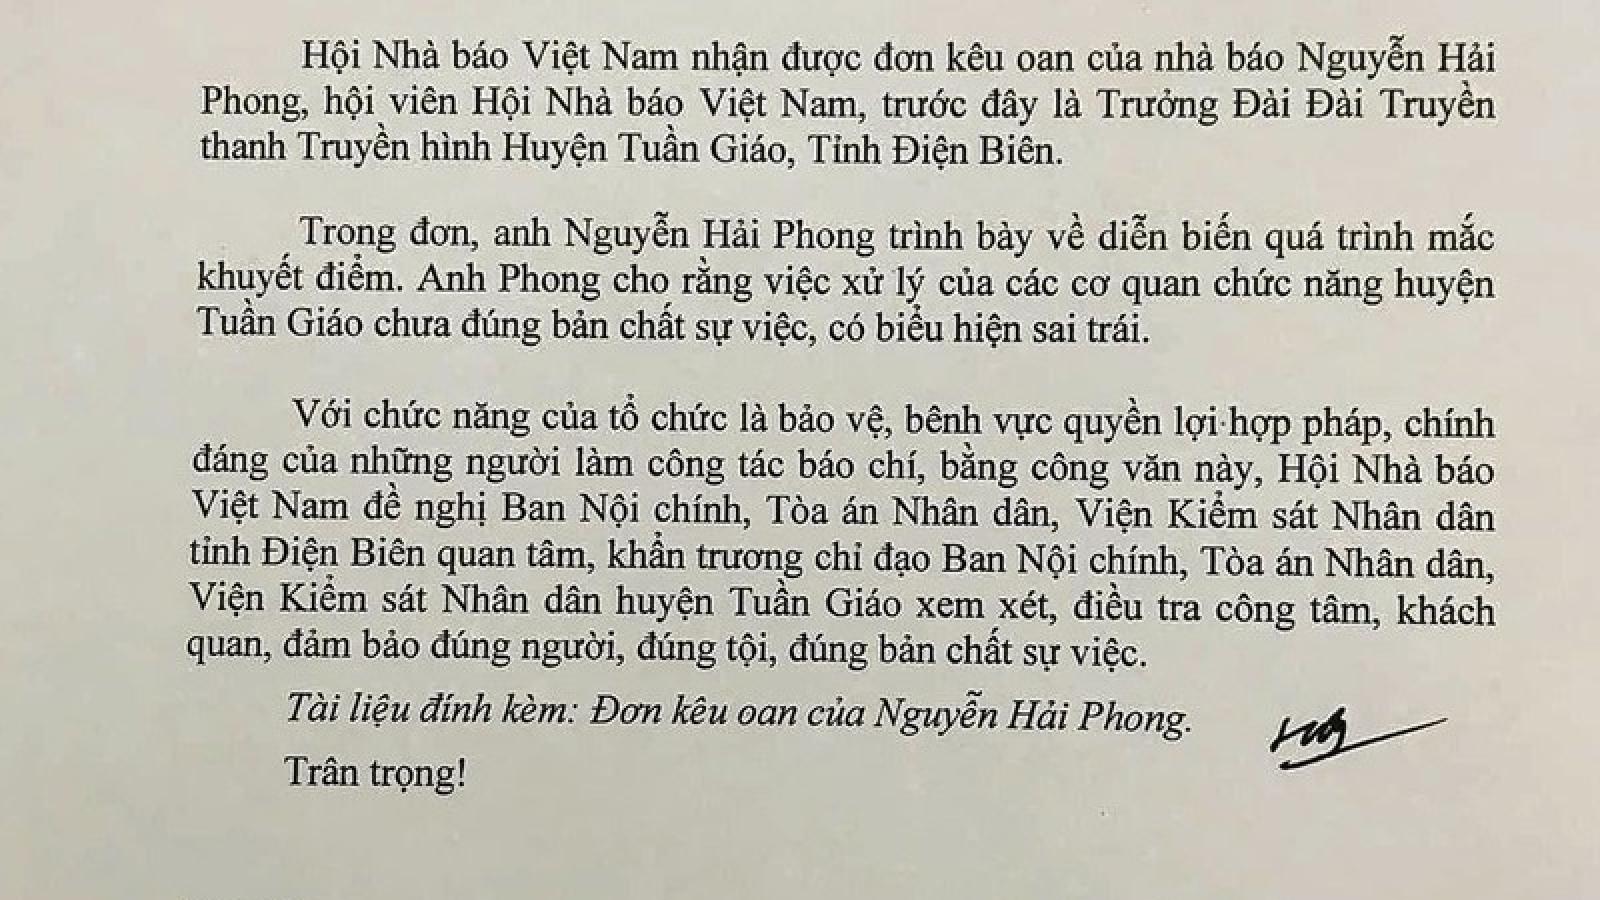 Hội Nhà báo đề nghị điều tra công tâm vụ án nhà báo Nguyễn Hải Phong